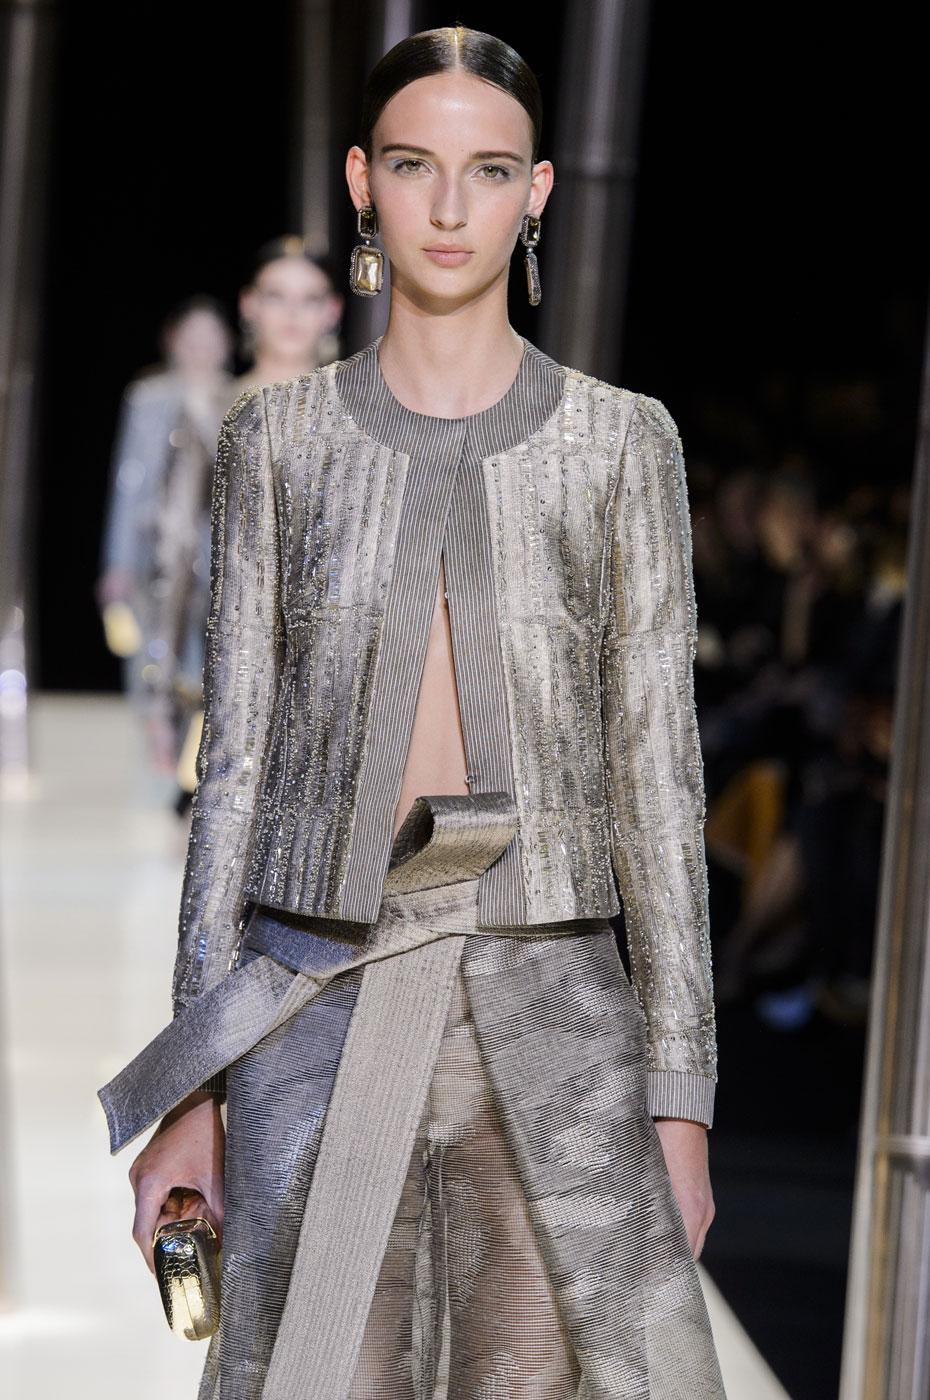 Giorgio-armani-Prive-fashion-runway-show-haute-couture-paris-spring-2015-the-impression-062